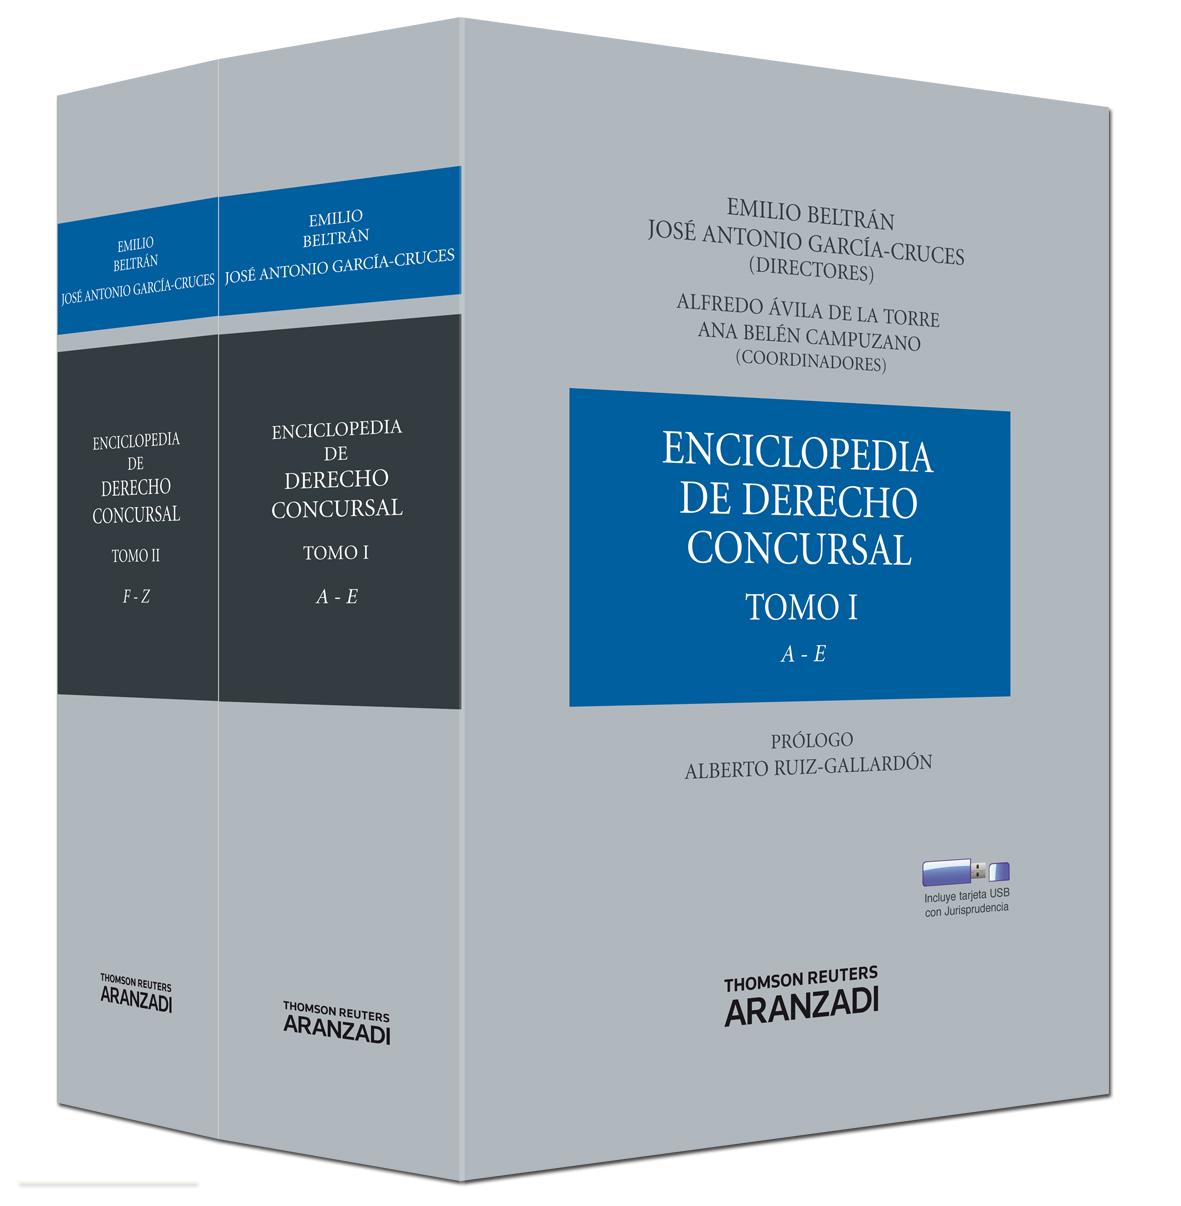 Enciclopedia de Derecho Concursal (2 Tomos)